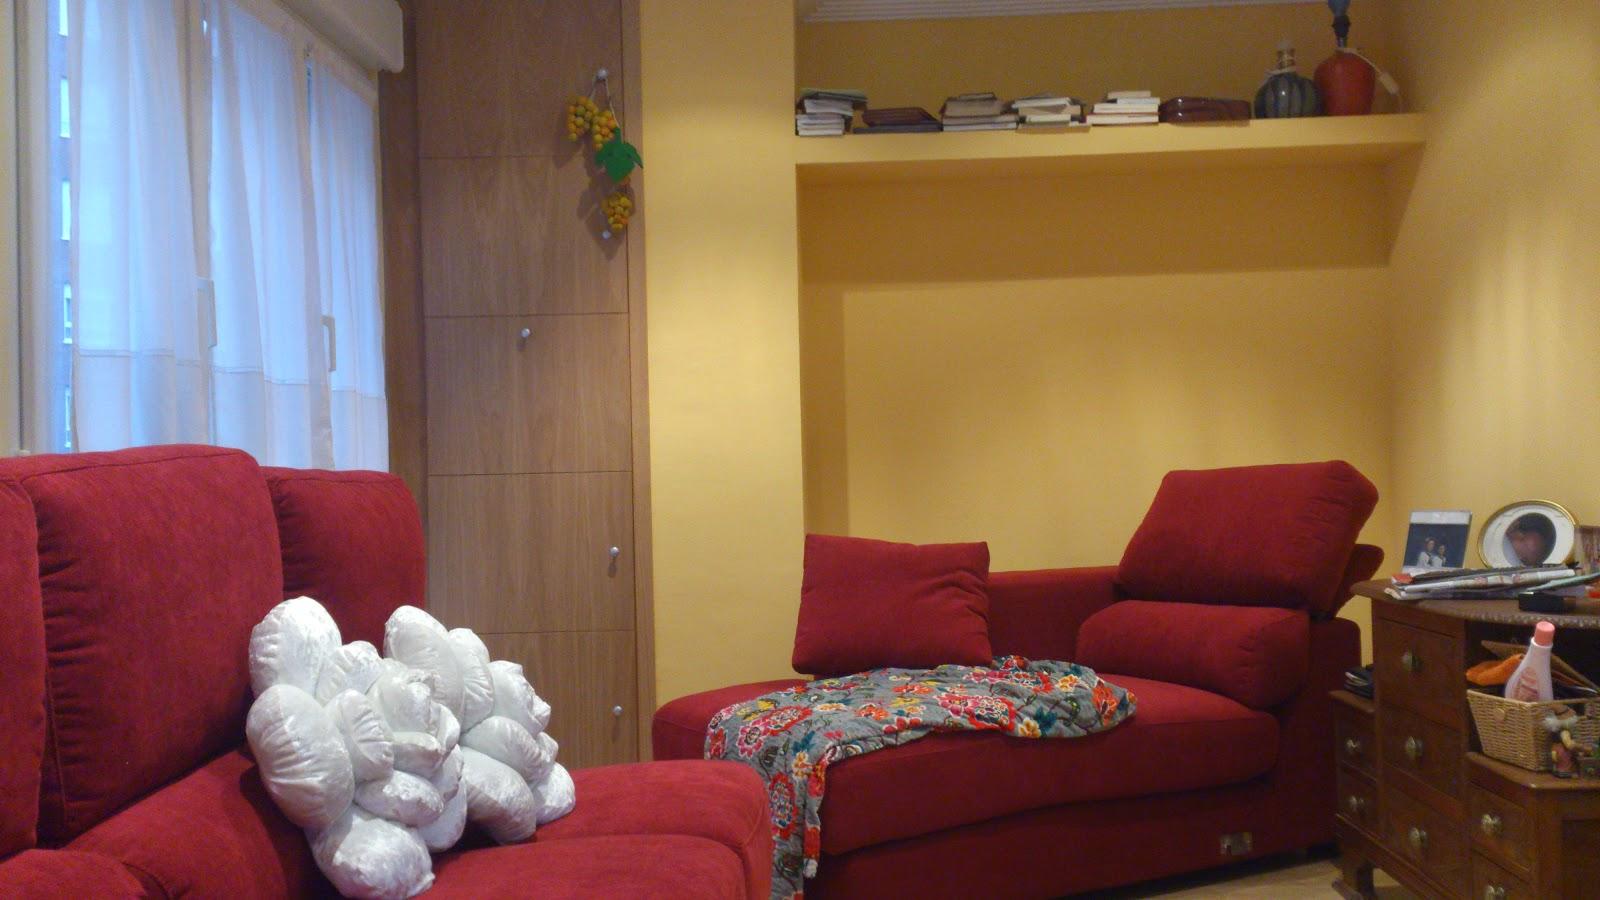 Interiorismo y decoracion lola torga nueva distribuci n for Distribucion salon comedor pequeno espacio